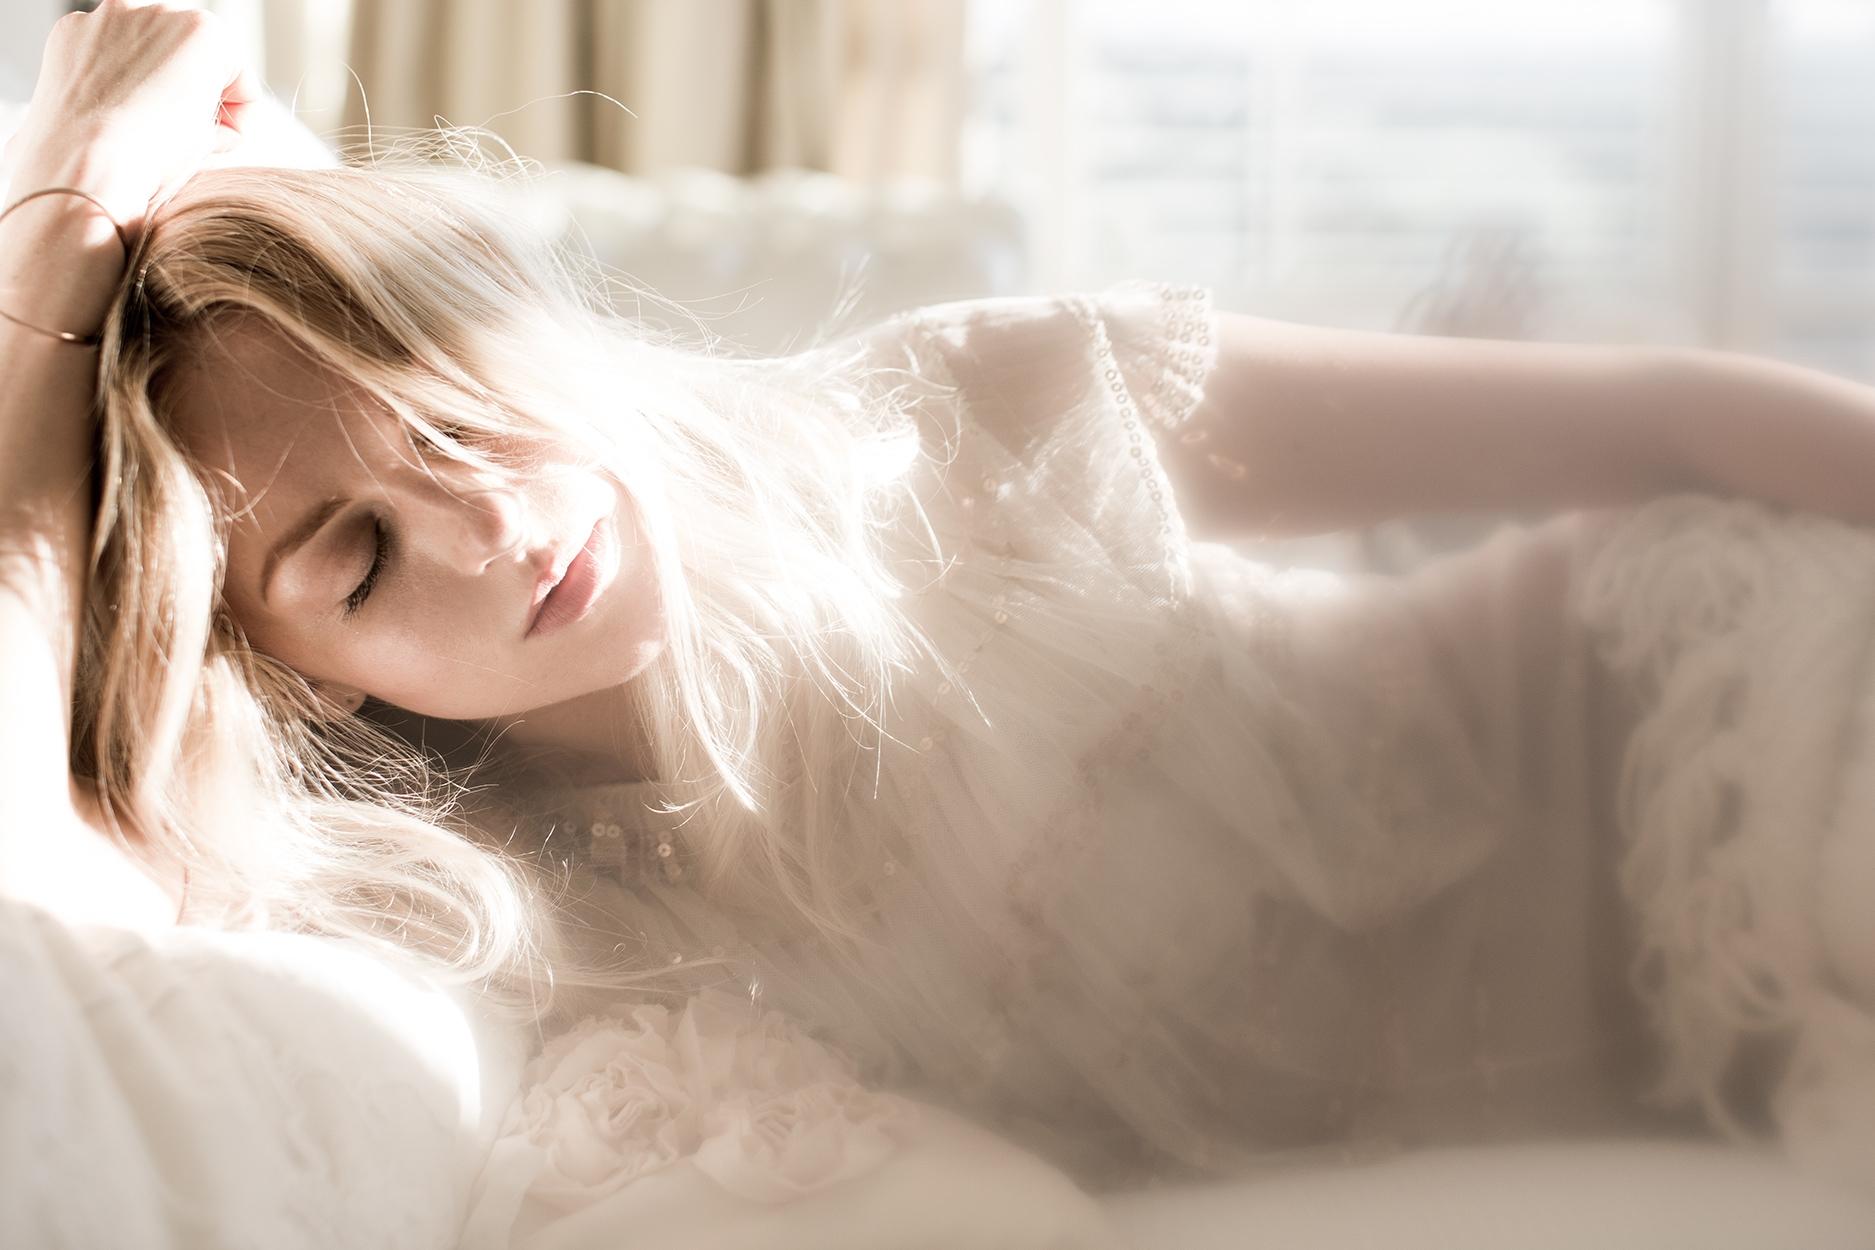 4 mặt nạ ngủ tự chế giúp da hết mụn, trắng mịn bất ngờ chỉ sau 1 đêm